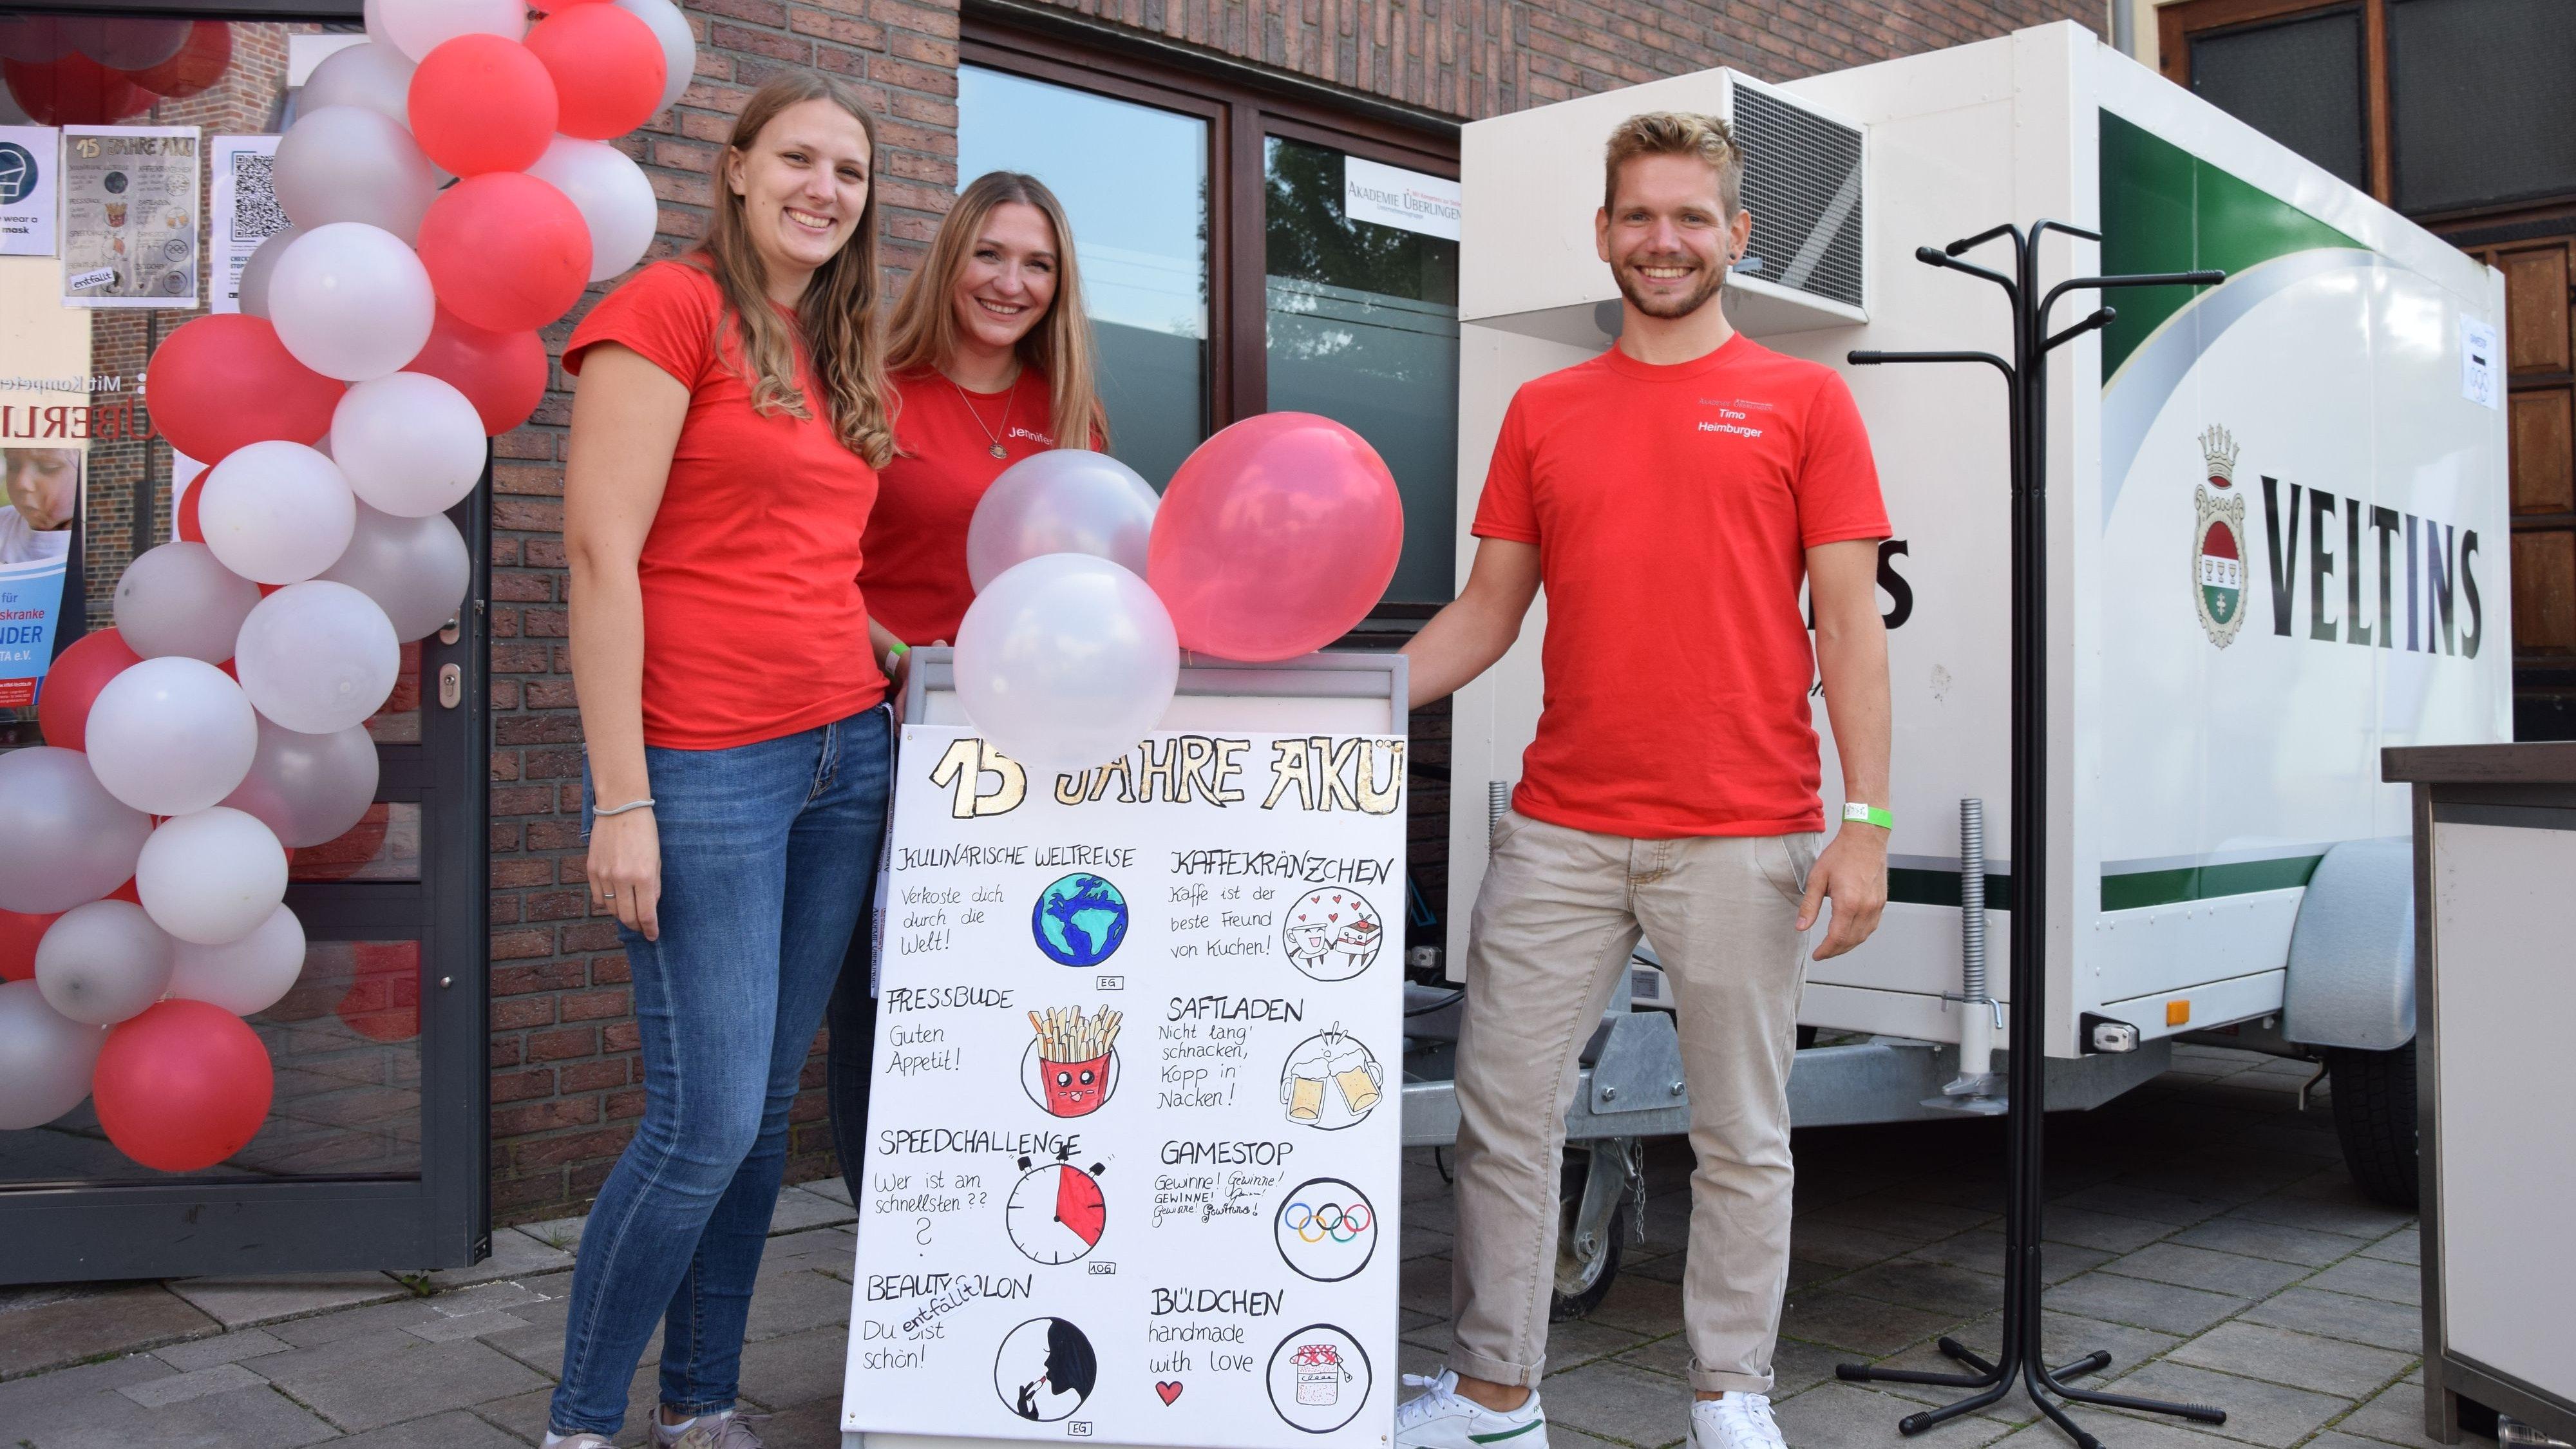 15 Jahre AKÜ: Anna Aszmons, Jennifer Ertel und Timo Heimburger (von links) präsentieren die verschiedenen Geburtstagsaktionen. Foto: Hahn